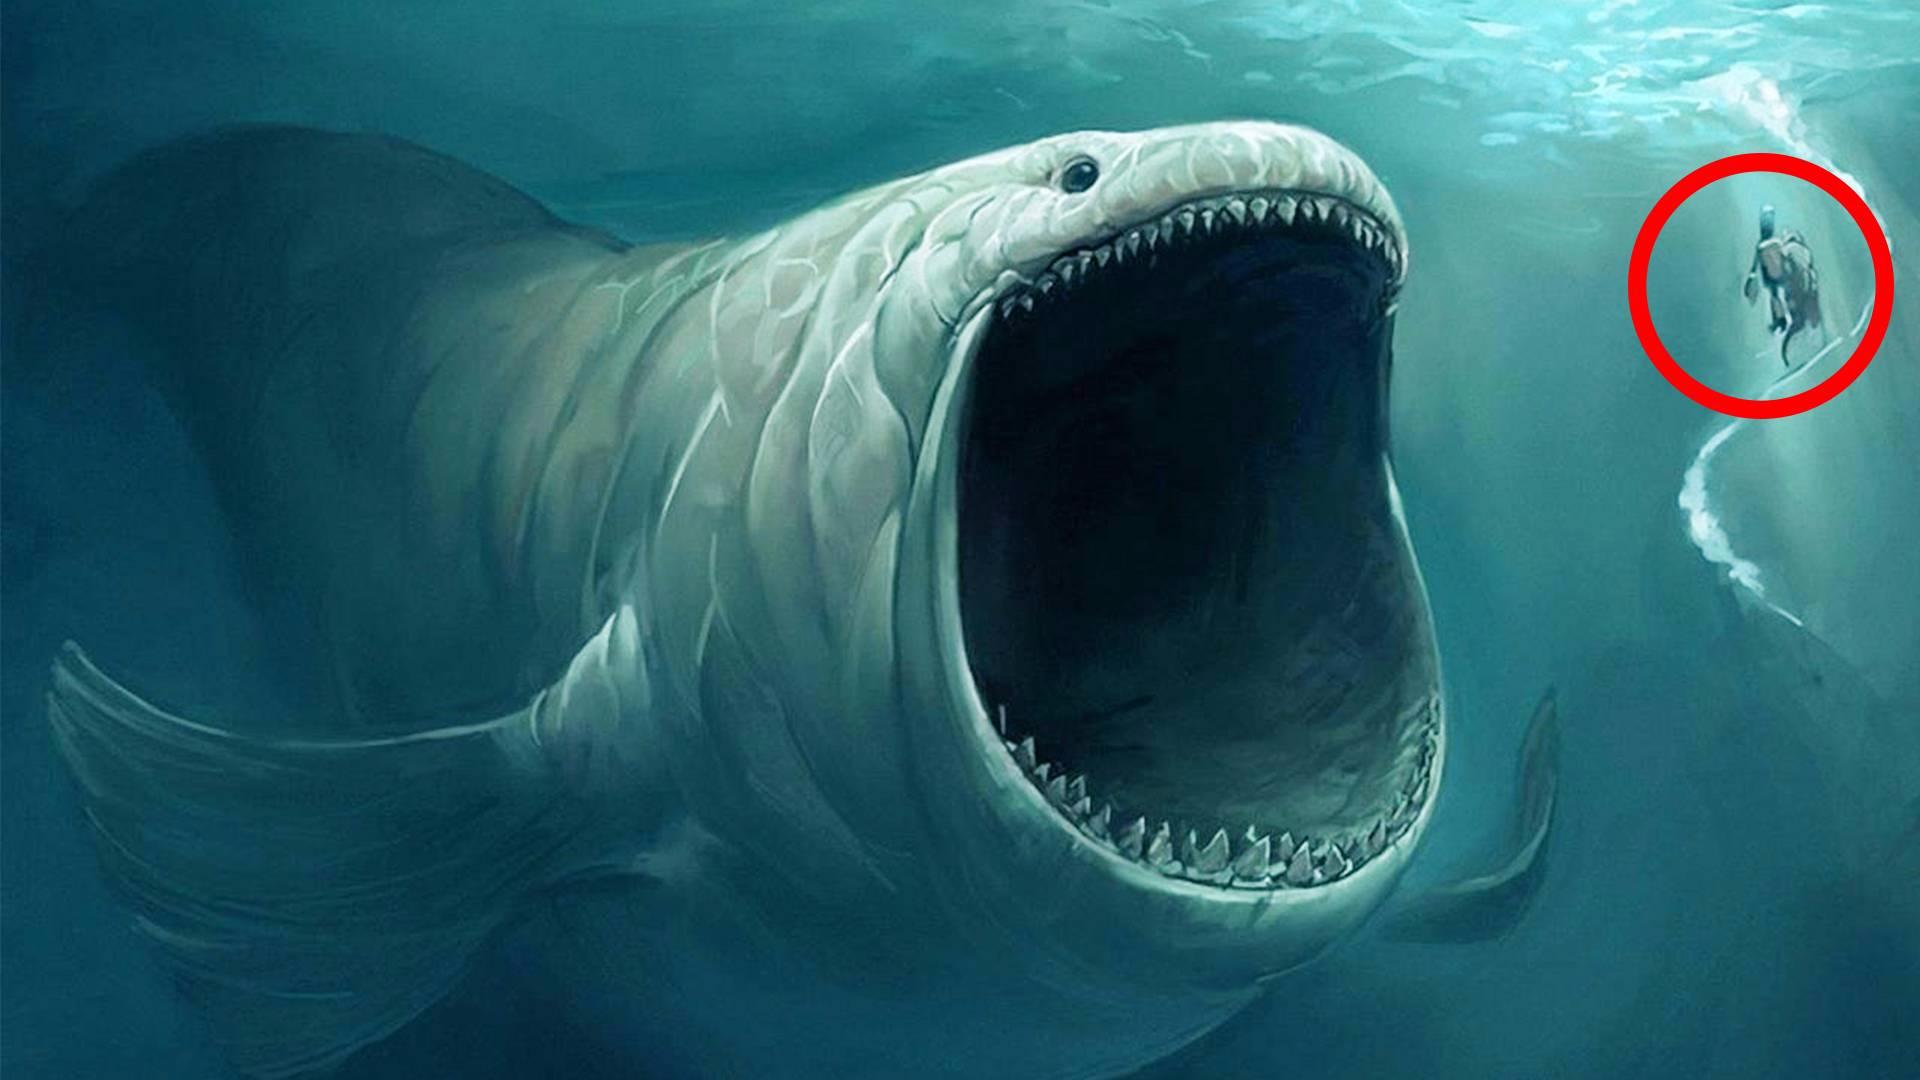 海贼王中的近海之主,在现实中真实存在,无人质疑的卡布罗龙!